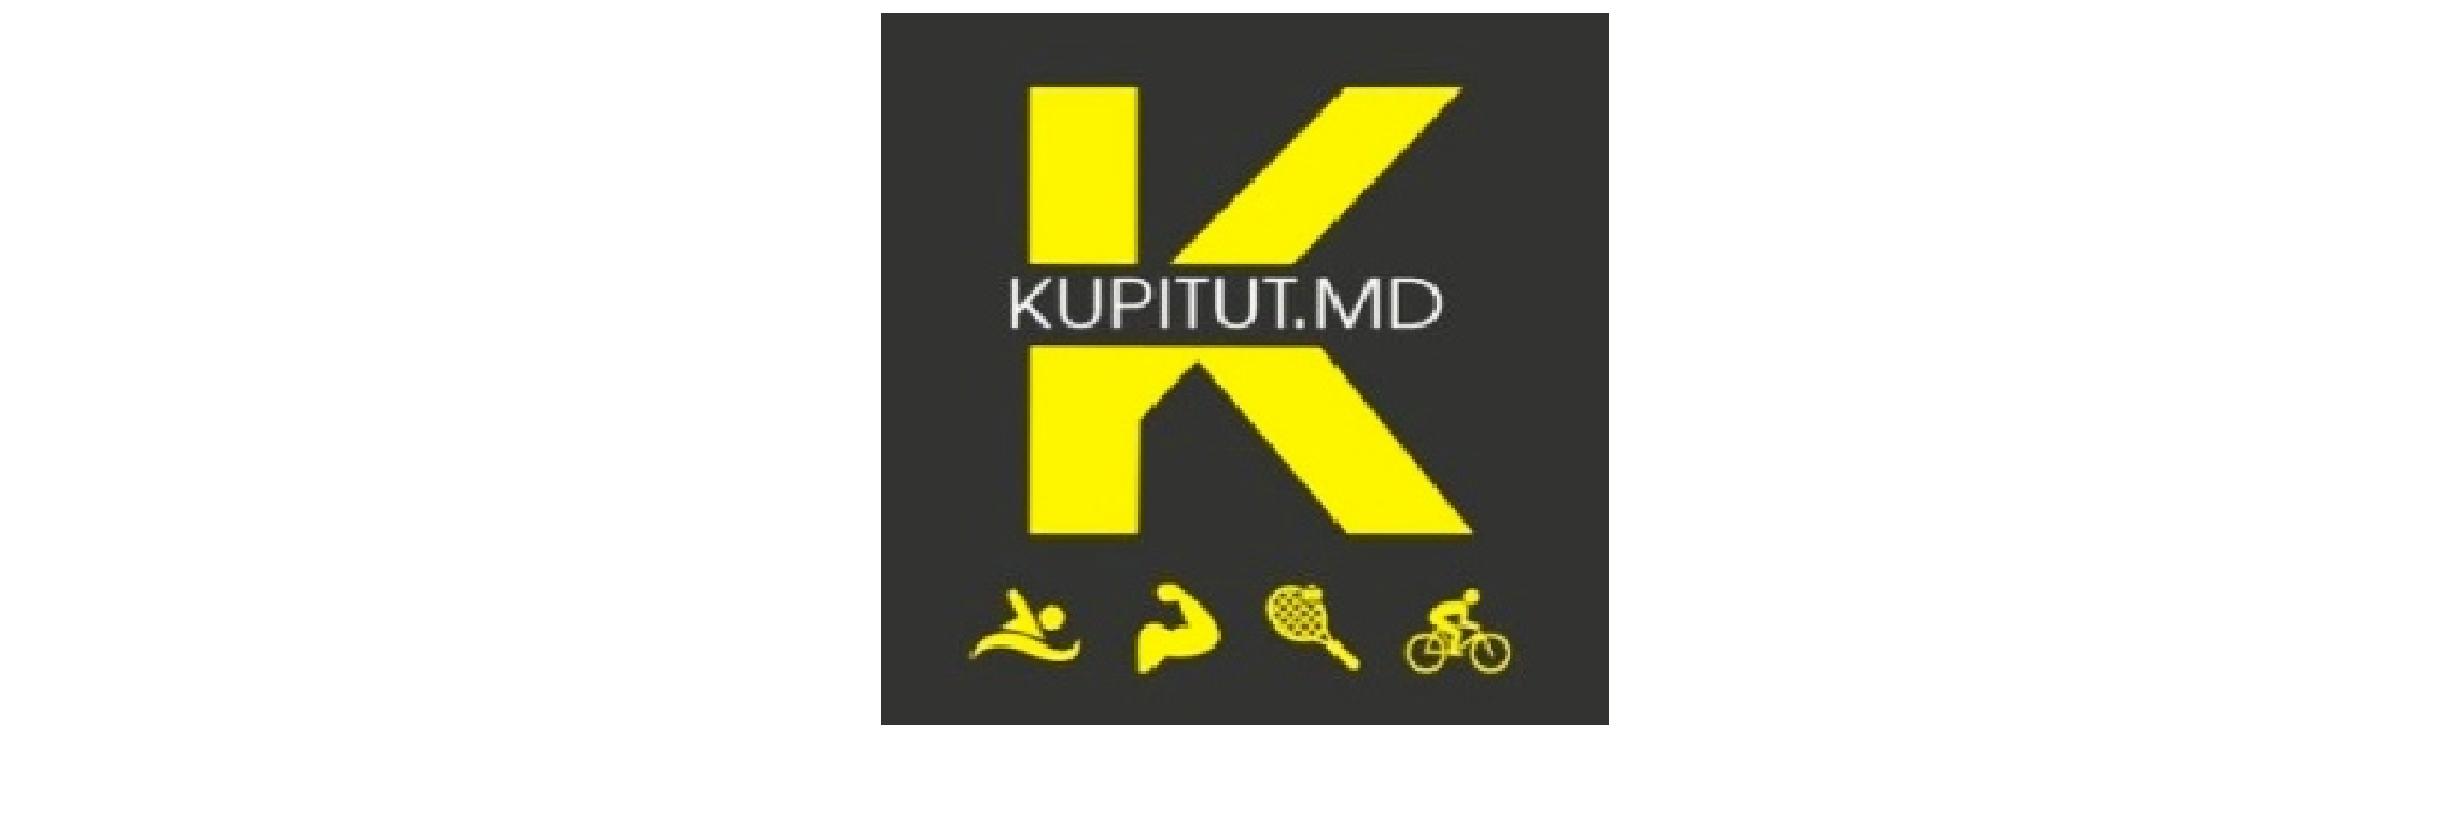 KUPITUT.MD